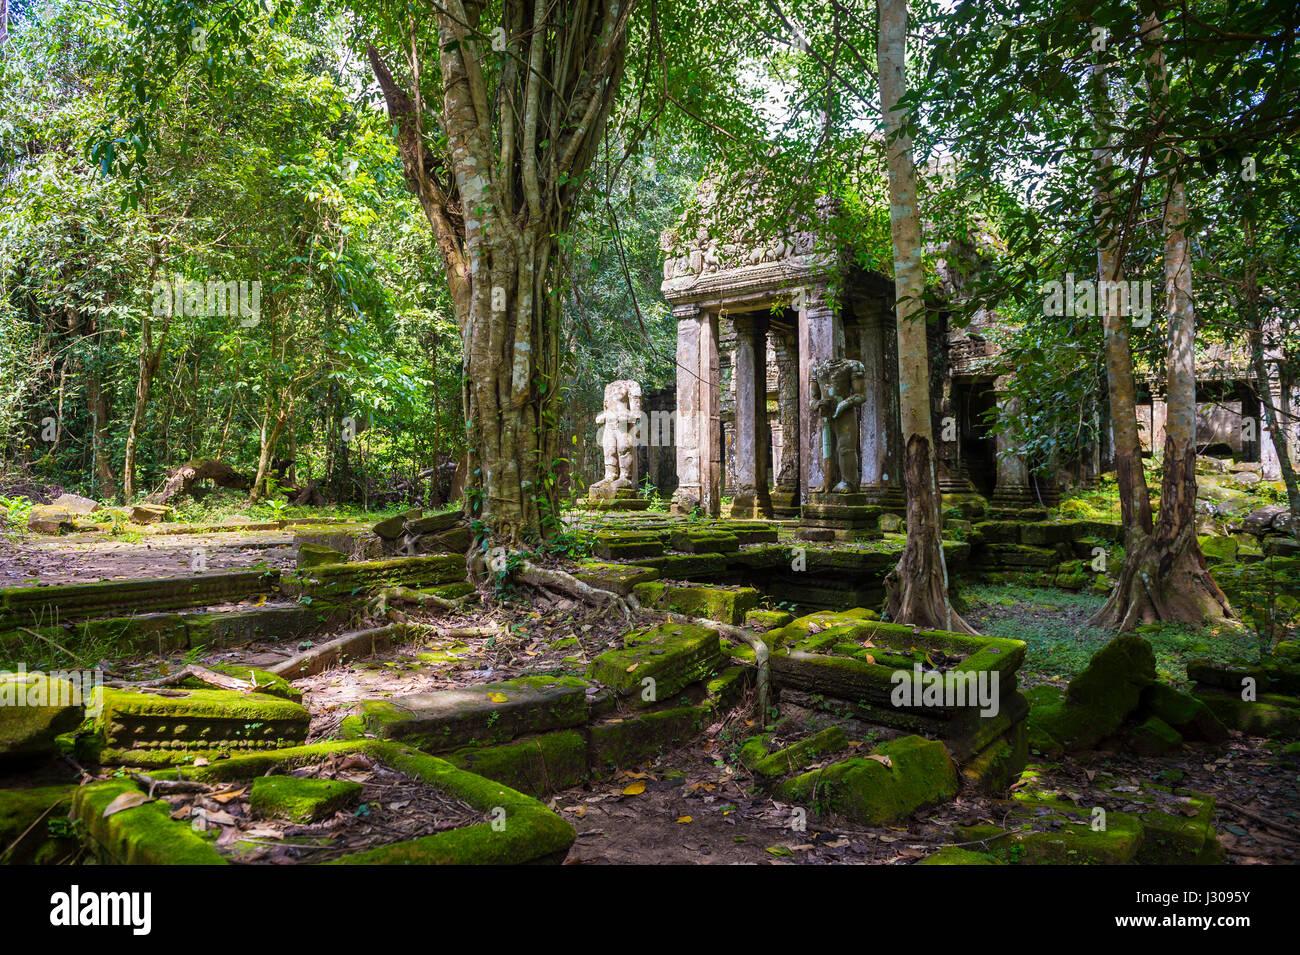 Vista panorámica de la selva, superando la piedra complejo del templo de Angkor Wat, Camboya Imagen De Stock